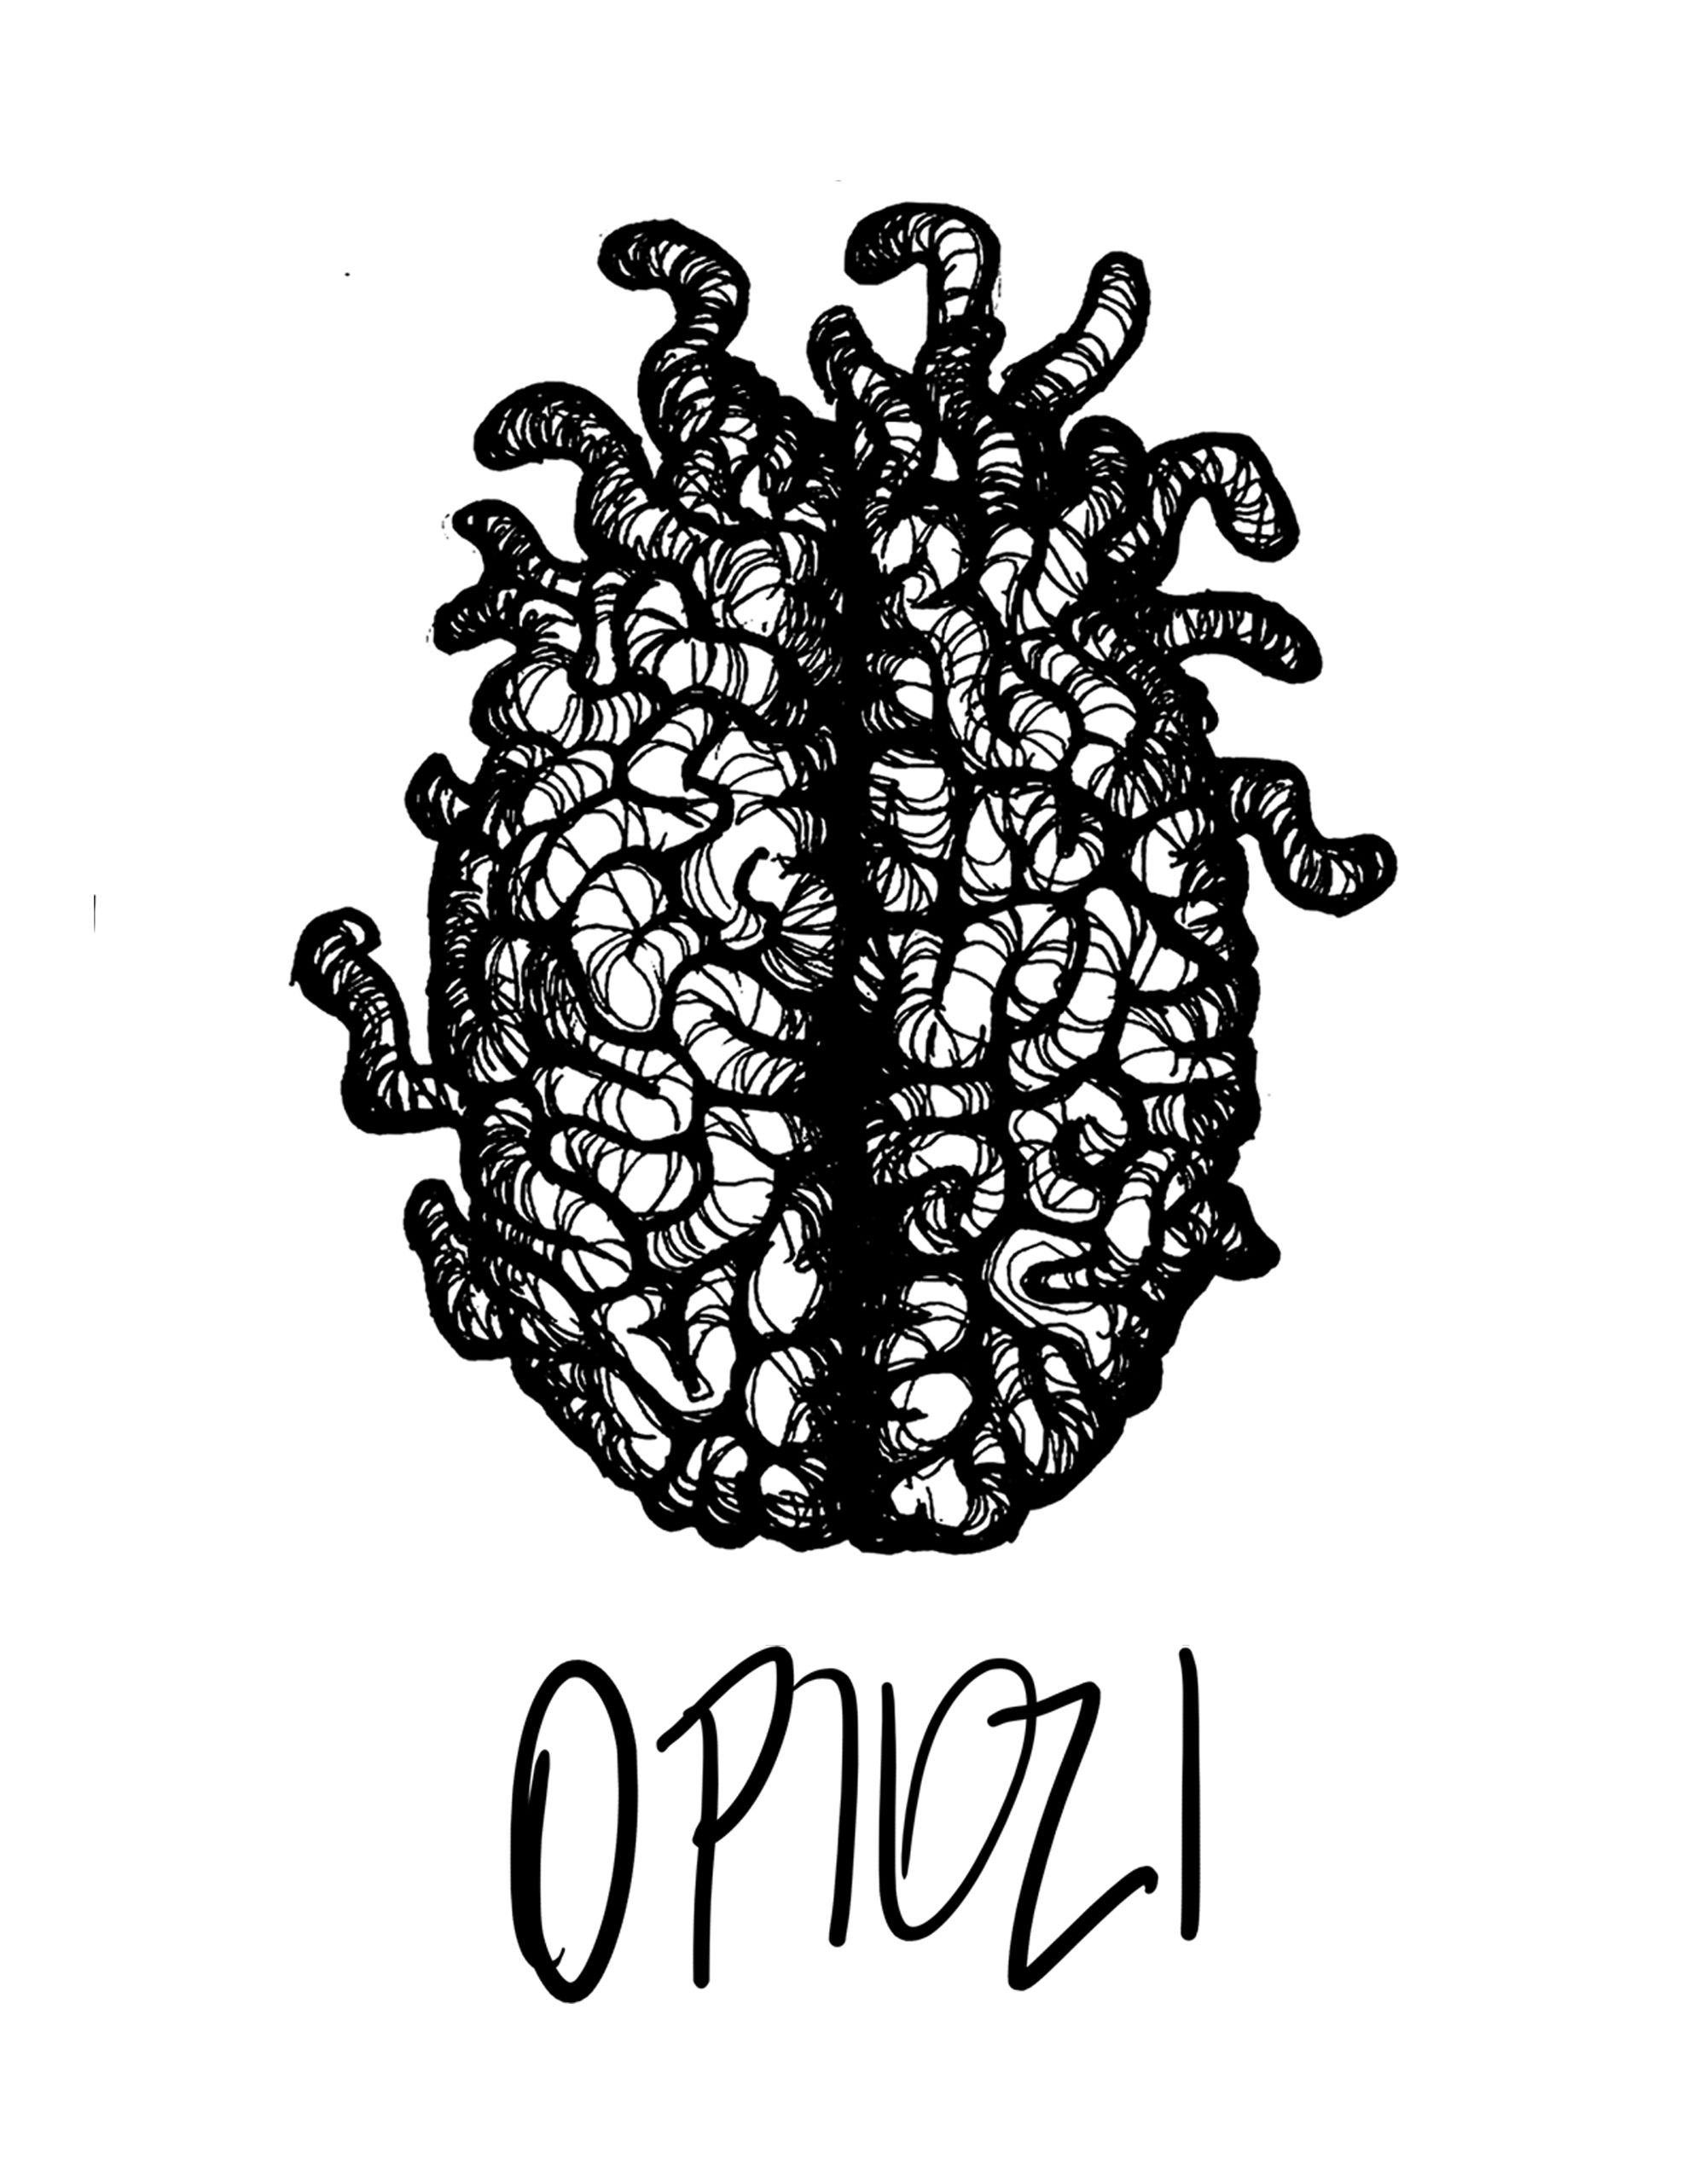 Cérebro de minhoca